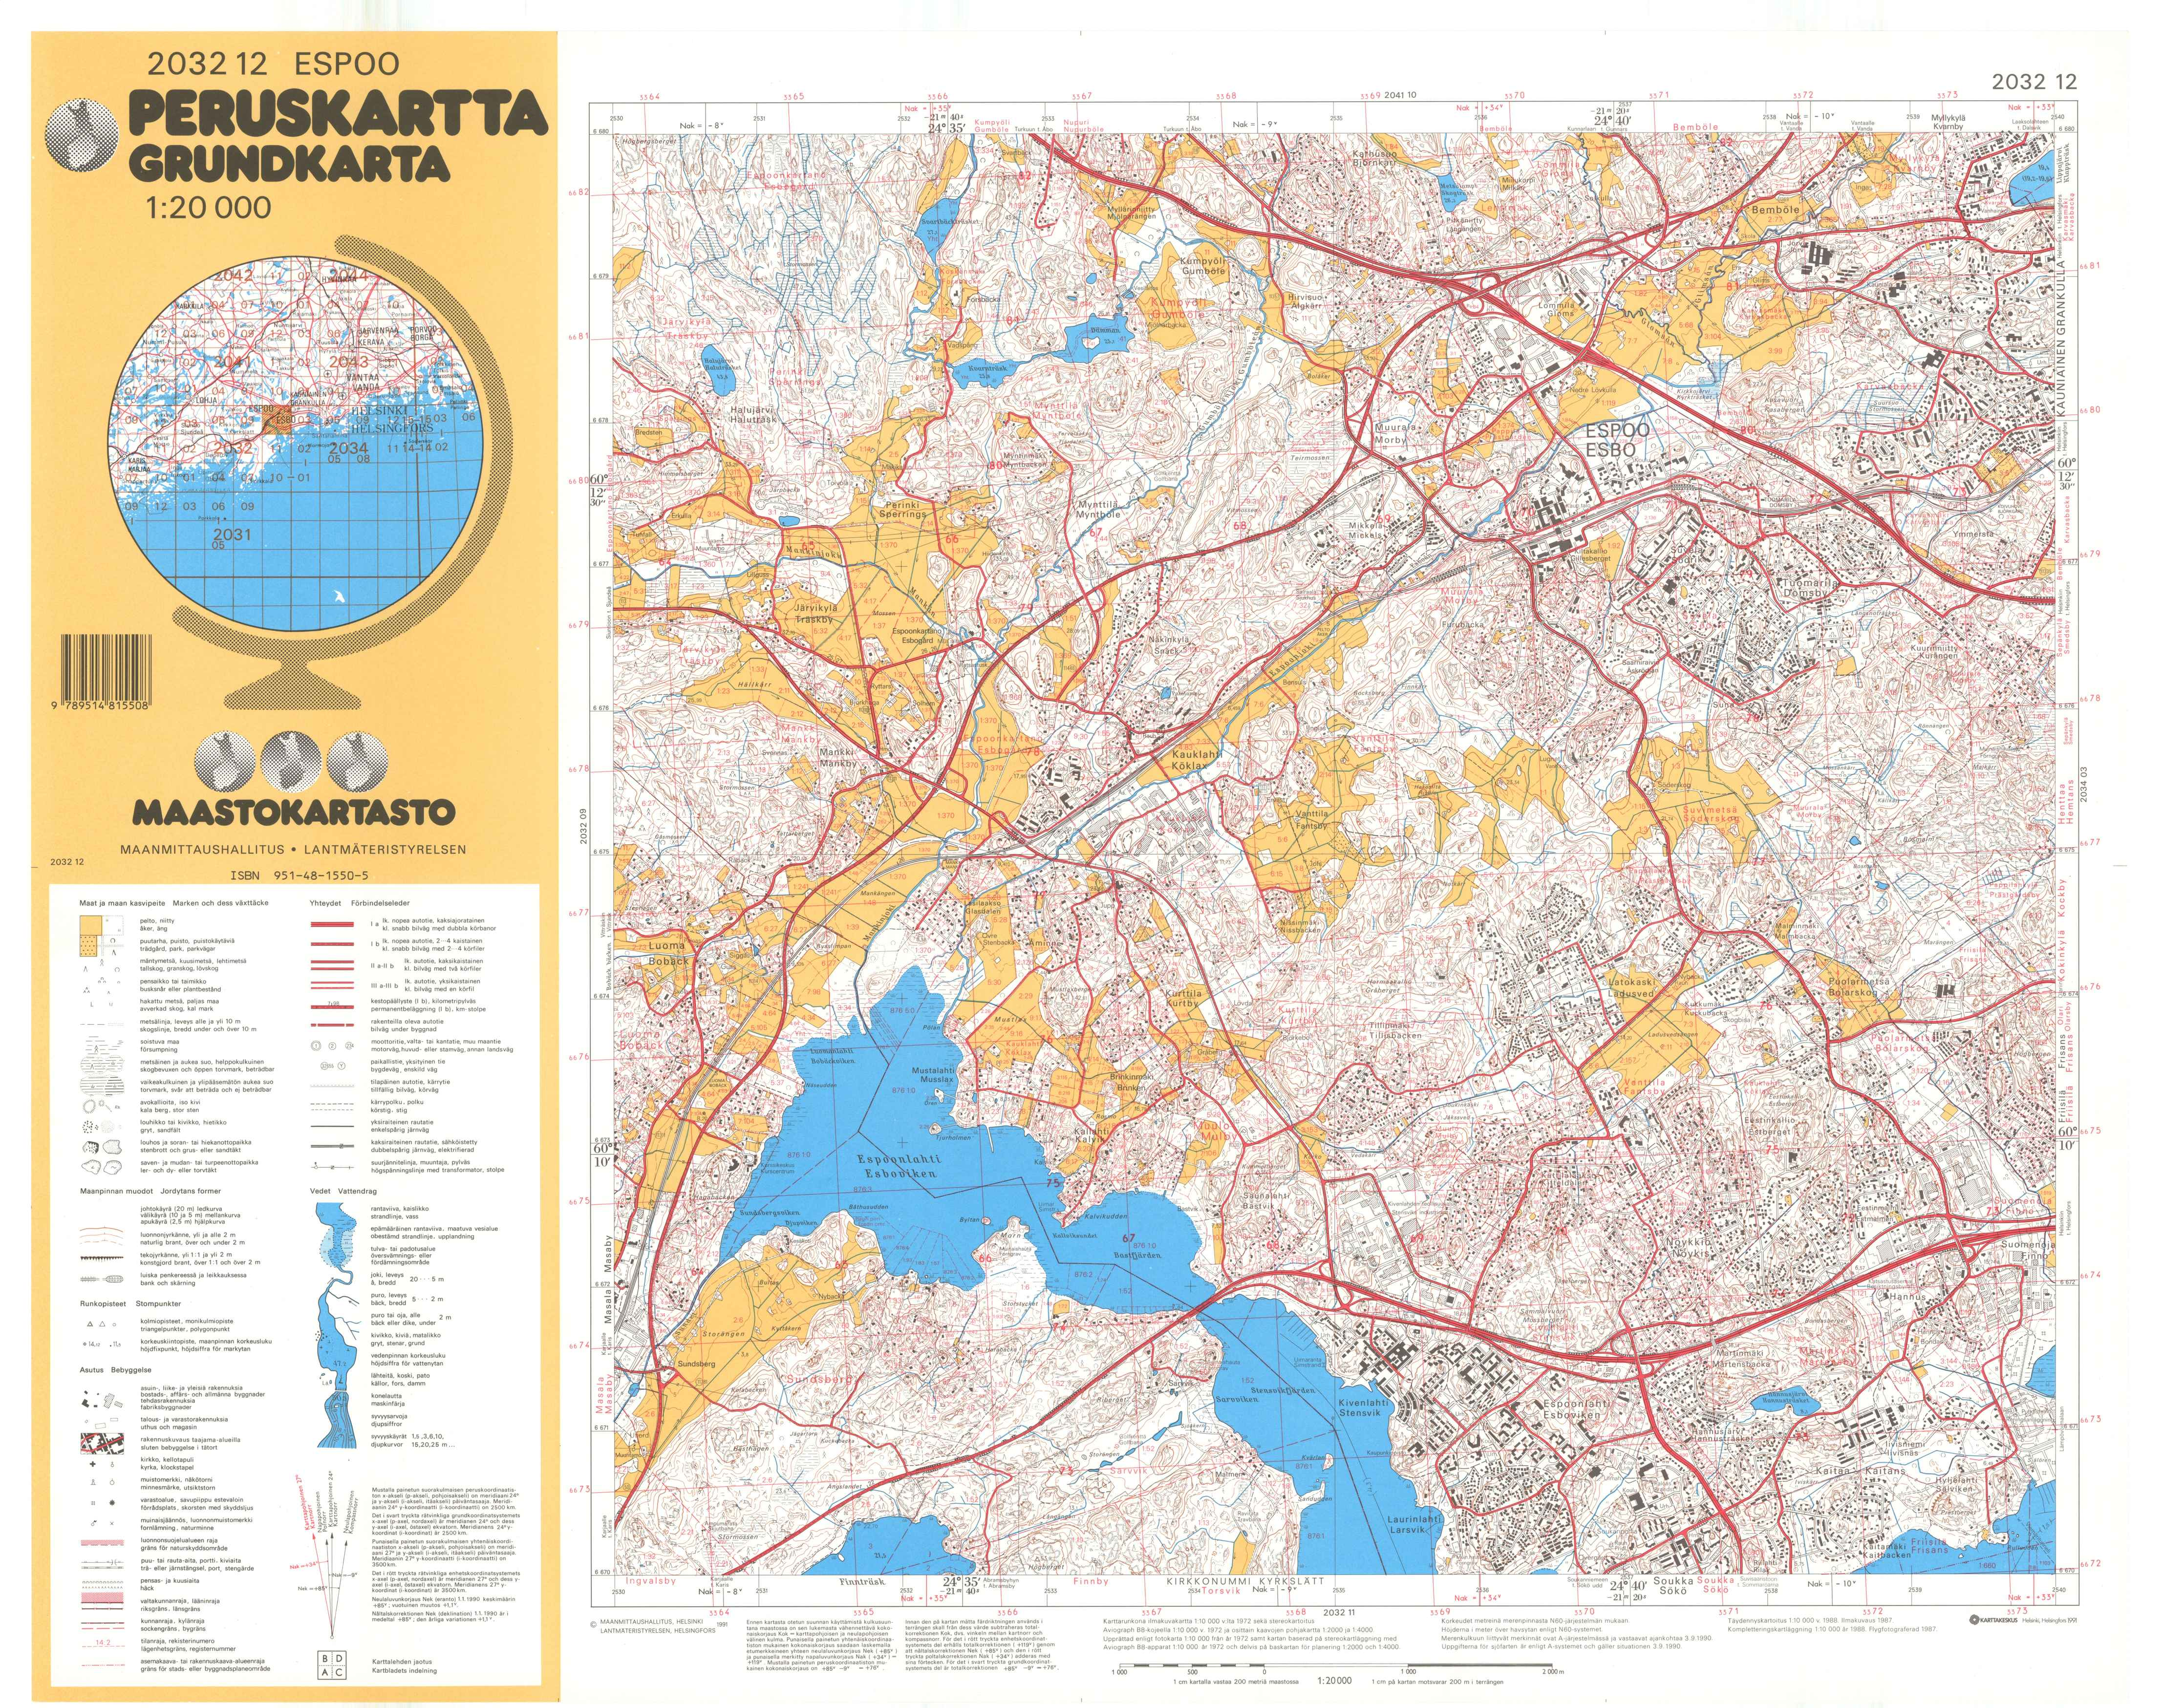 Kartta vuodelta 1991